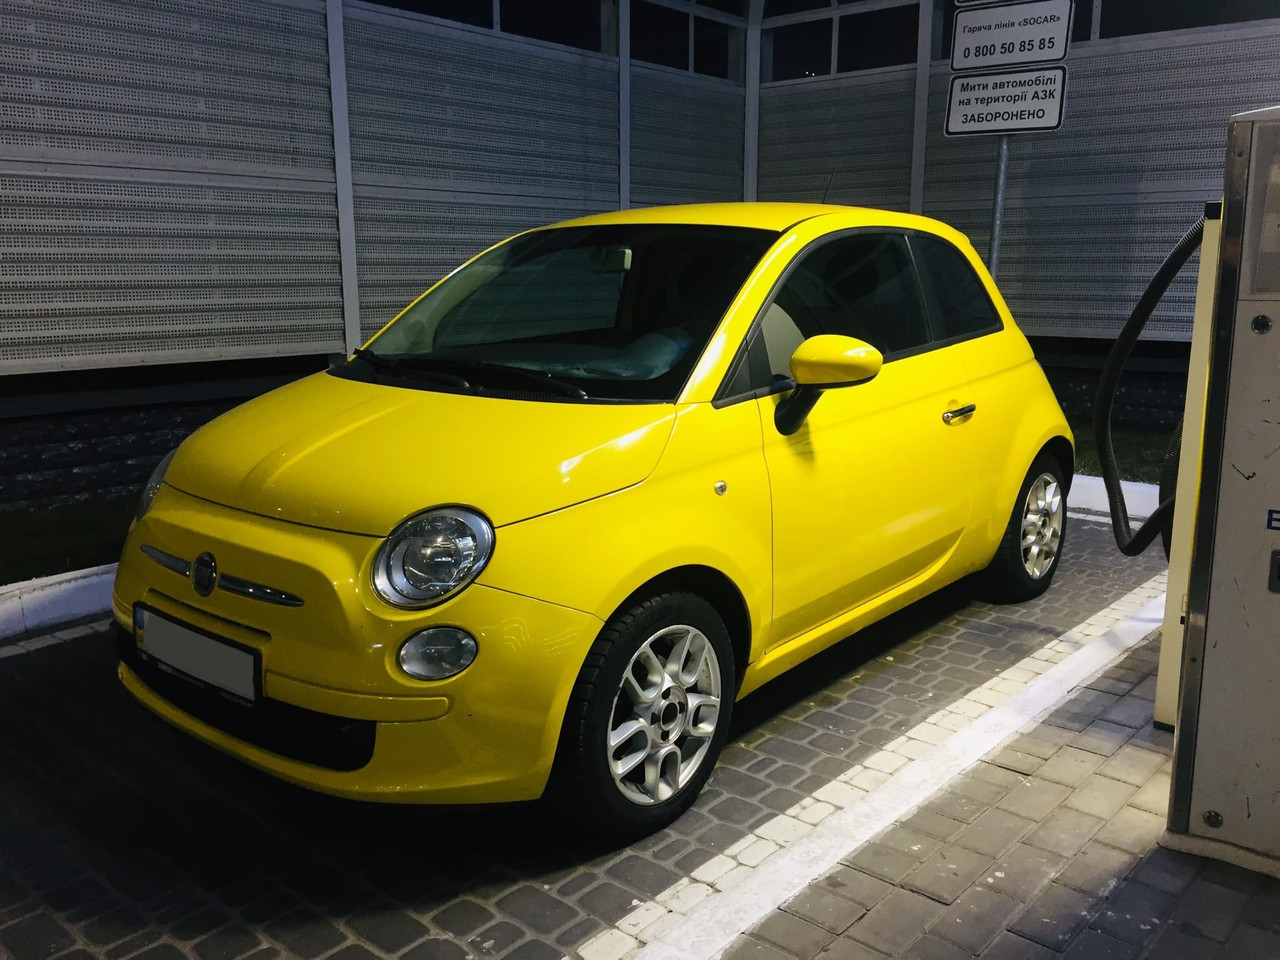 FIAT 500 (Cinquecento), 2008г.в., 1.4, 100л.с., не бит, не крашен